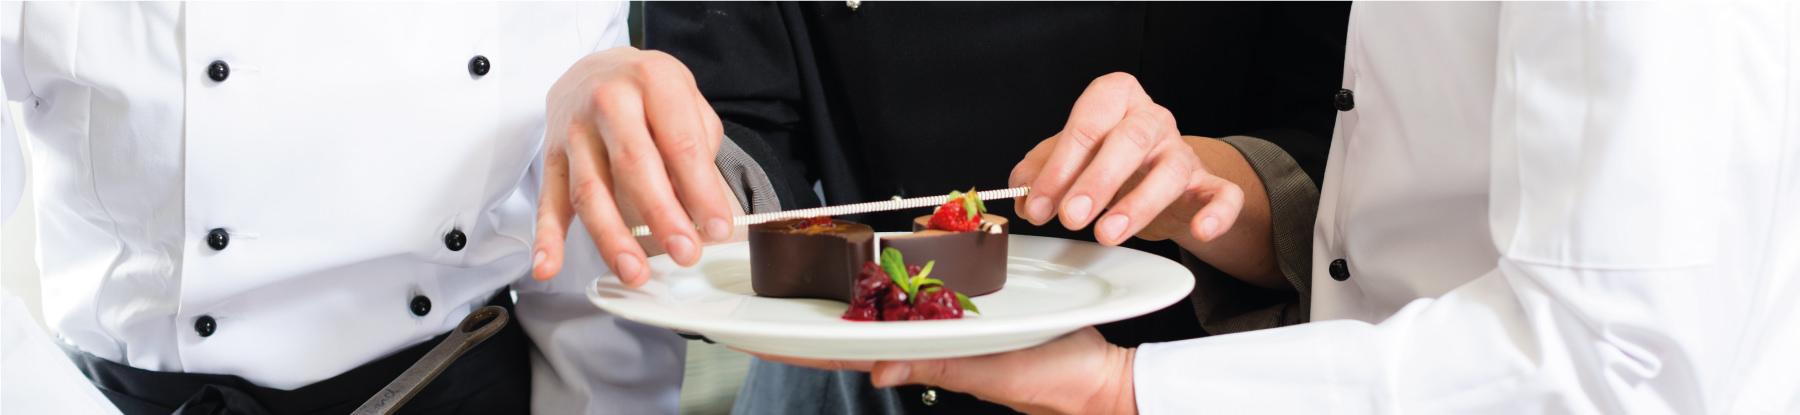 costruire-settore-alimentazione-e-ristorazione